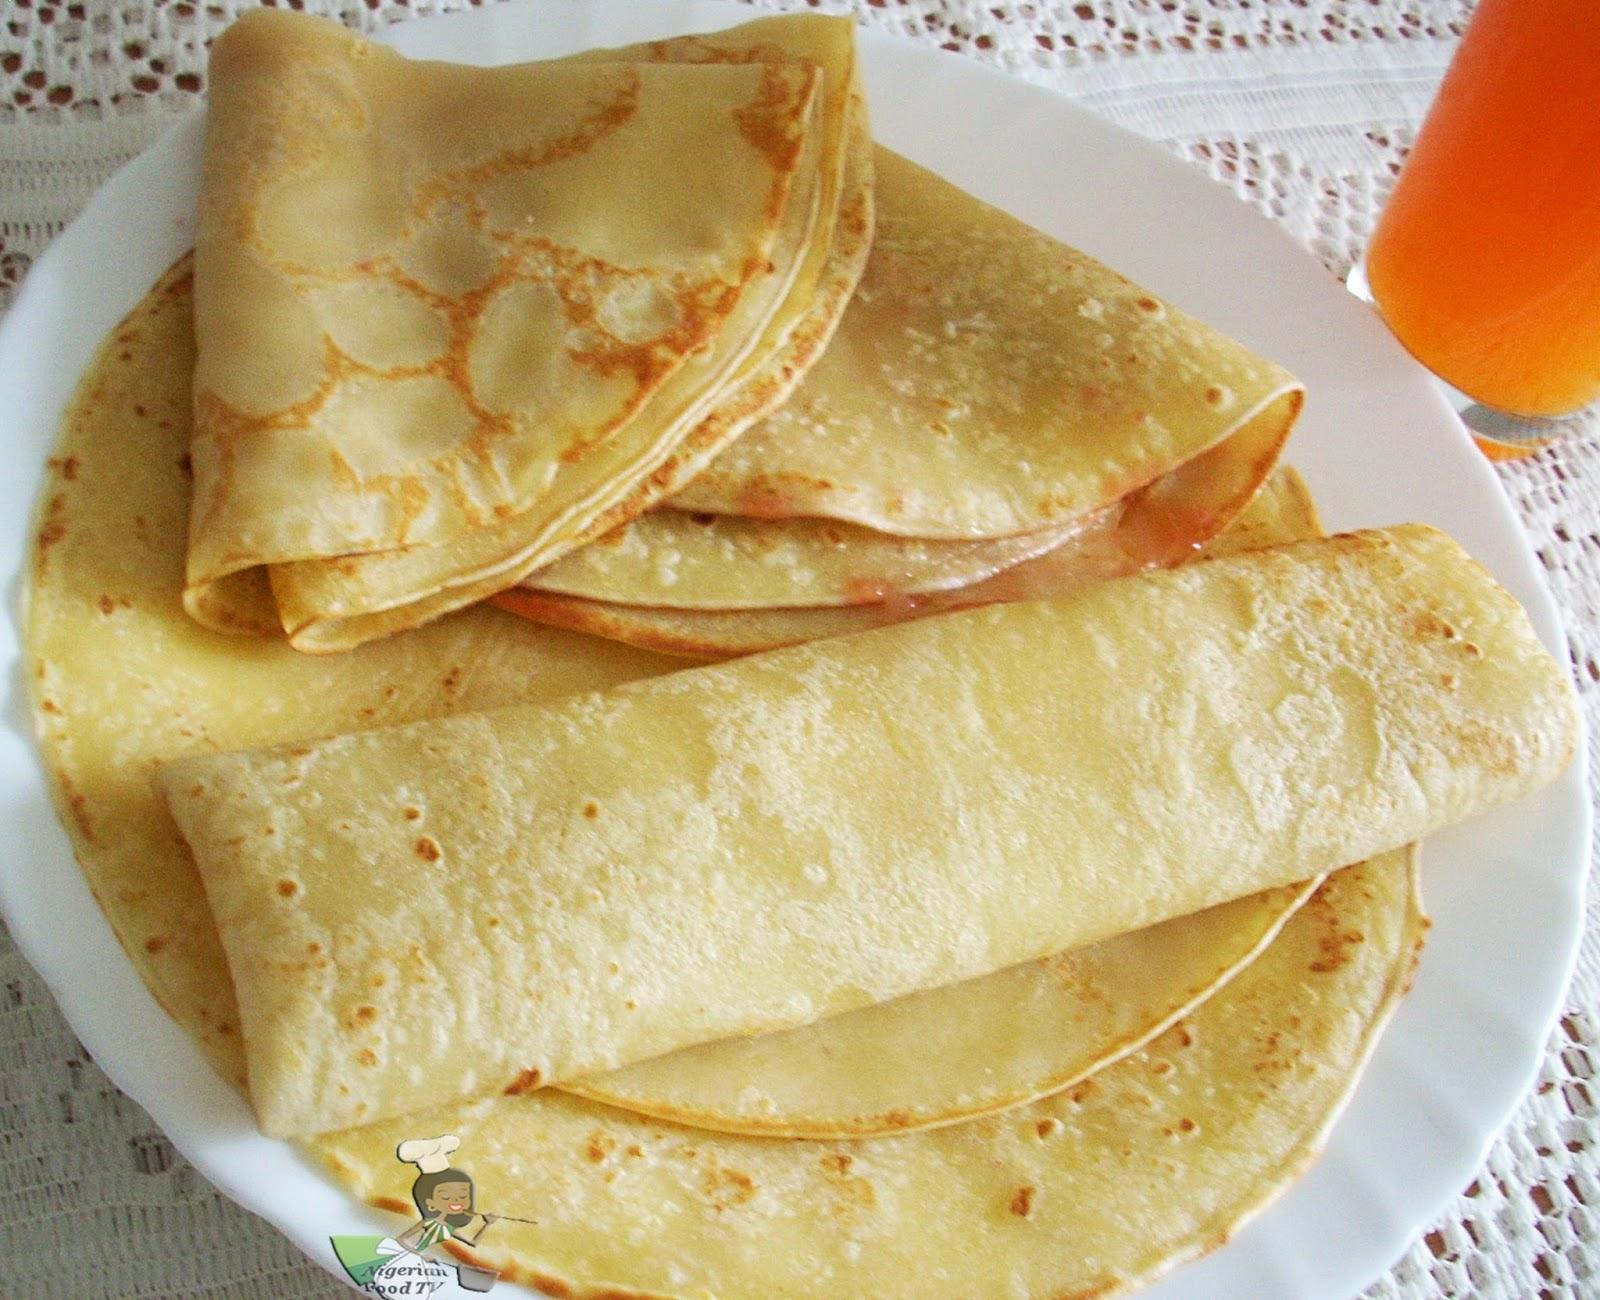 Nigerian Pancake Recipe: How to Make Nigerian Pancake